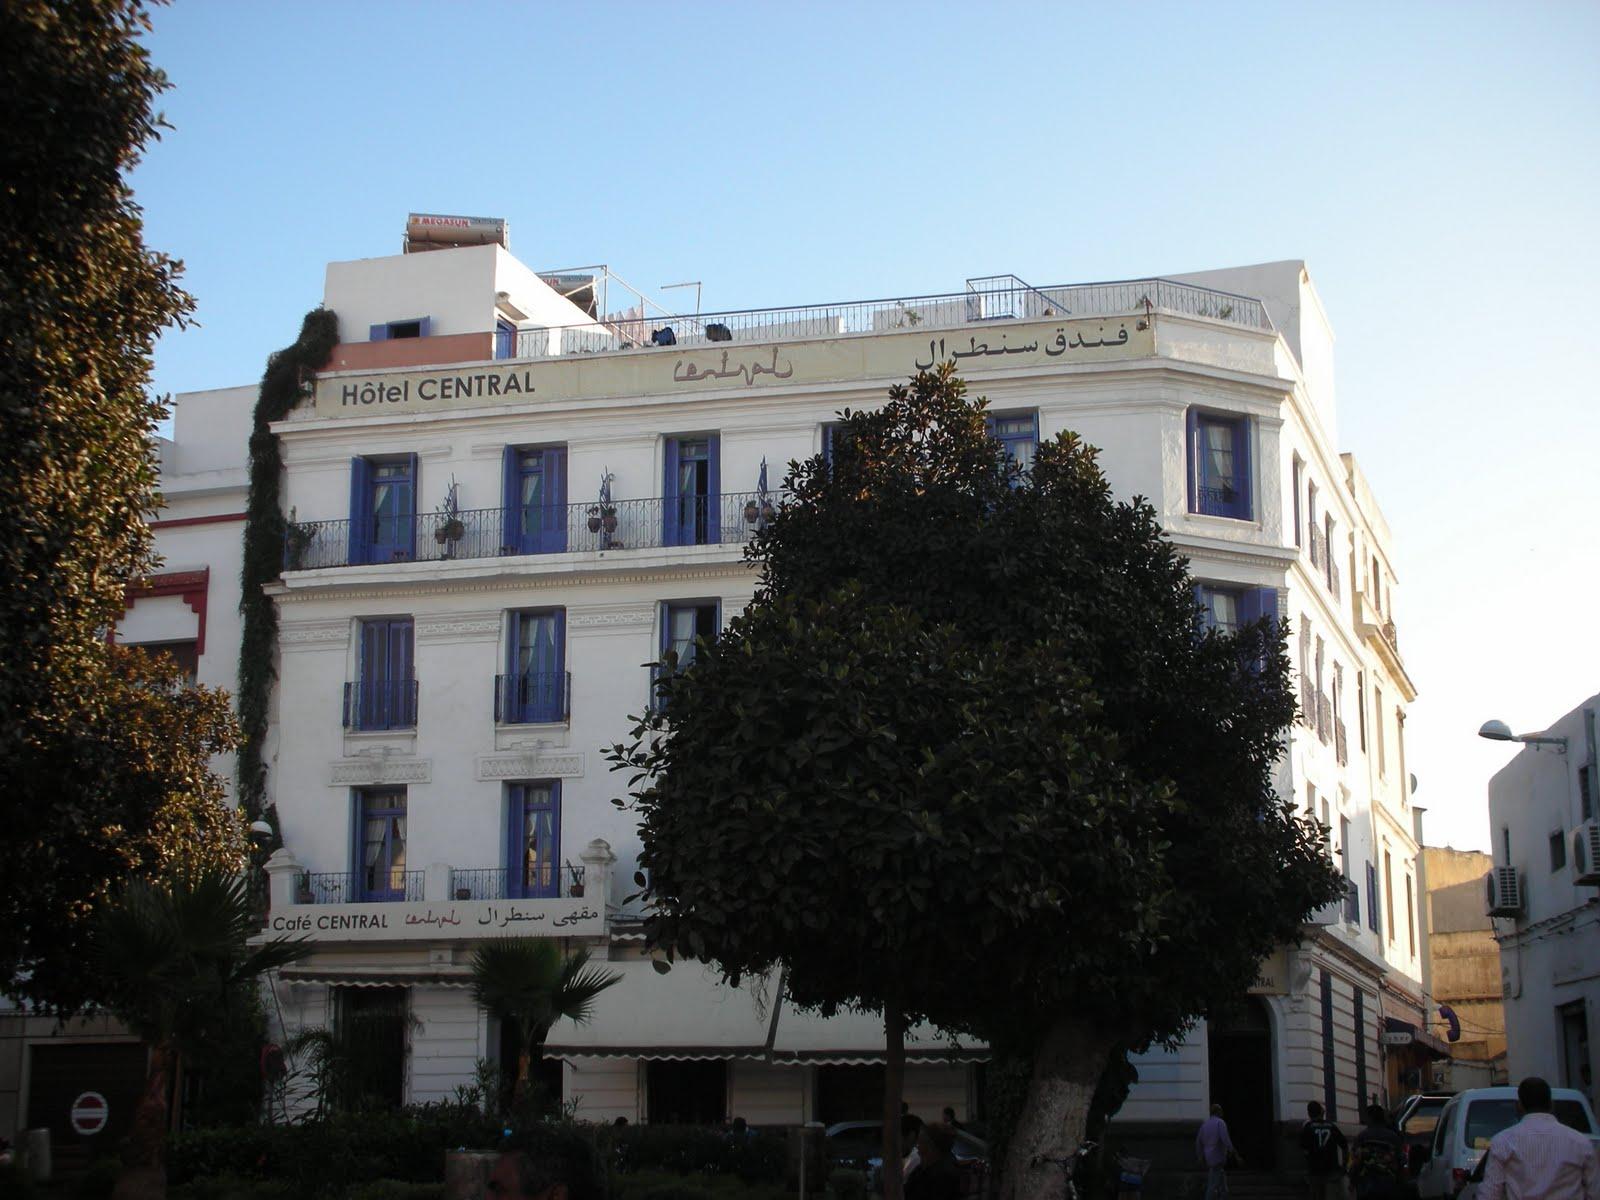 Hotel Central in Casablanca